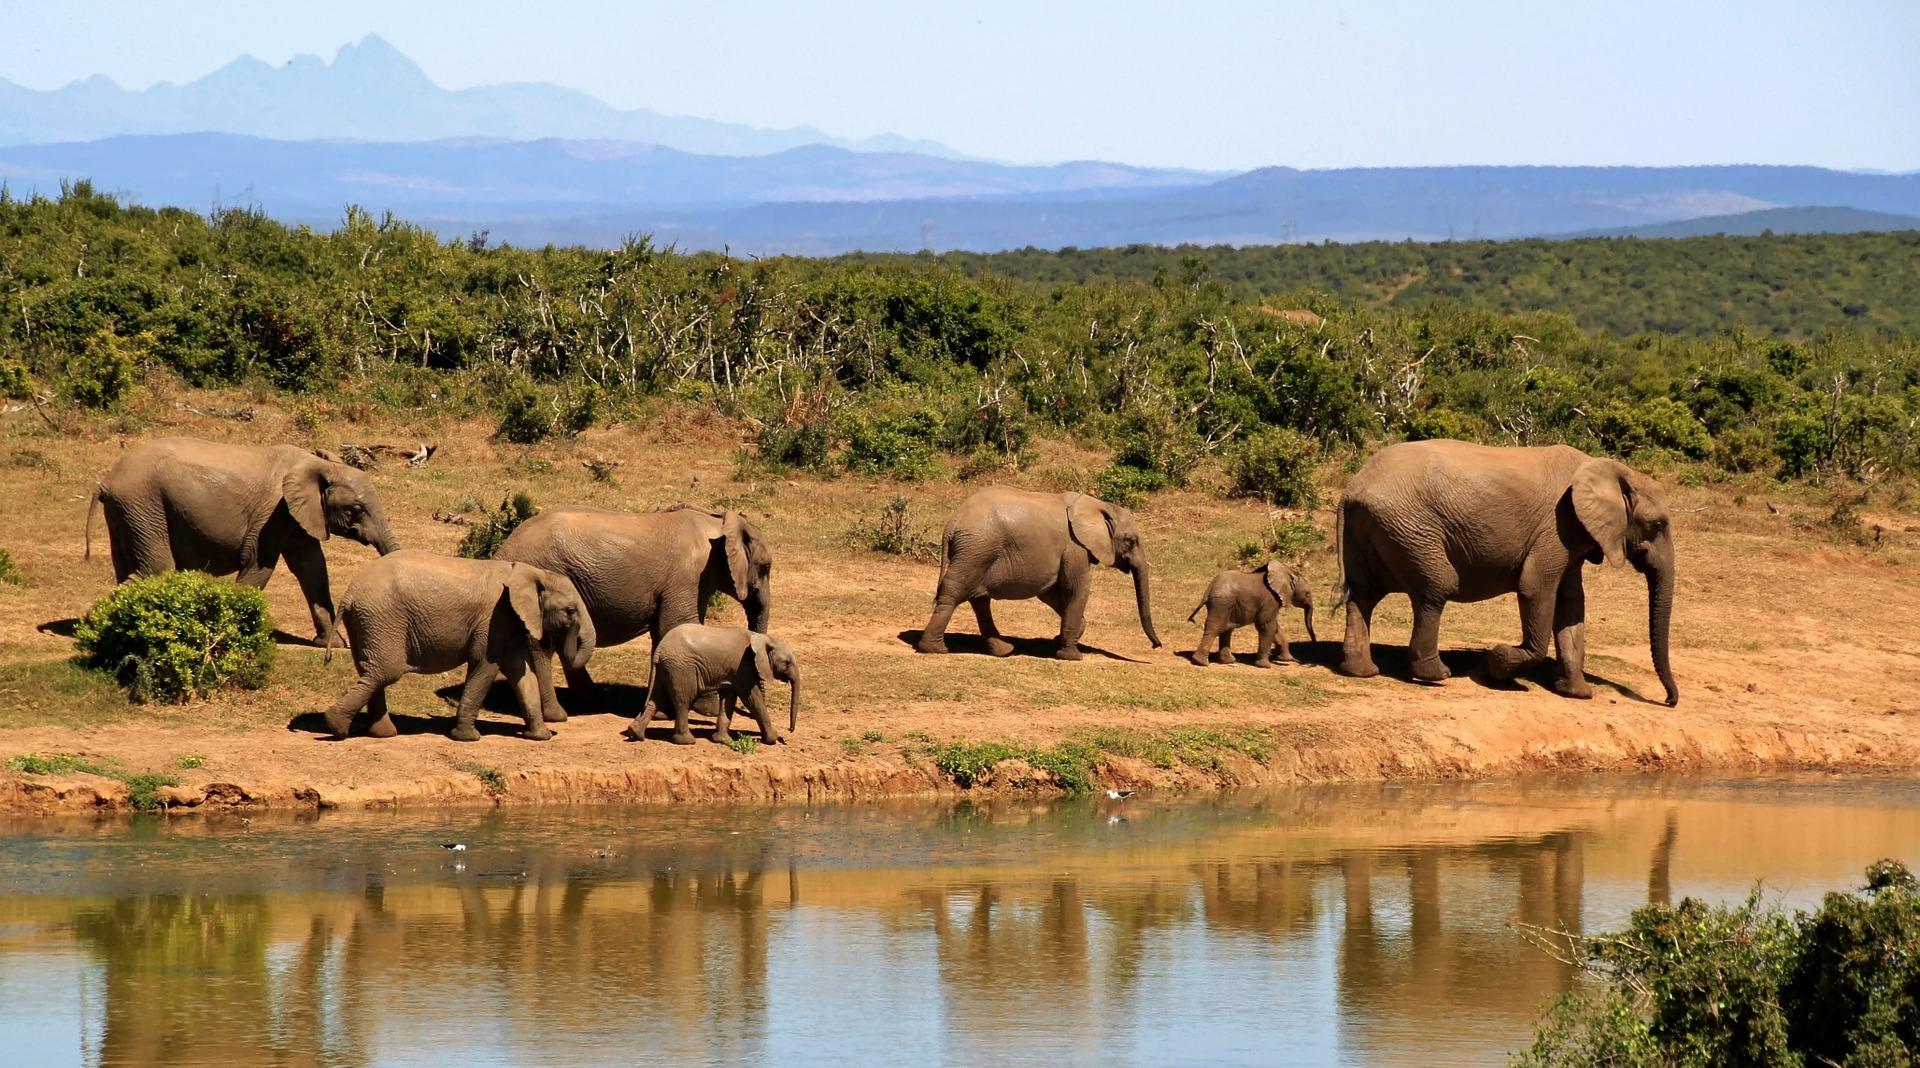 Santuarios de elefantes en Tailandia